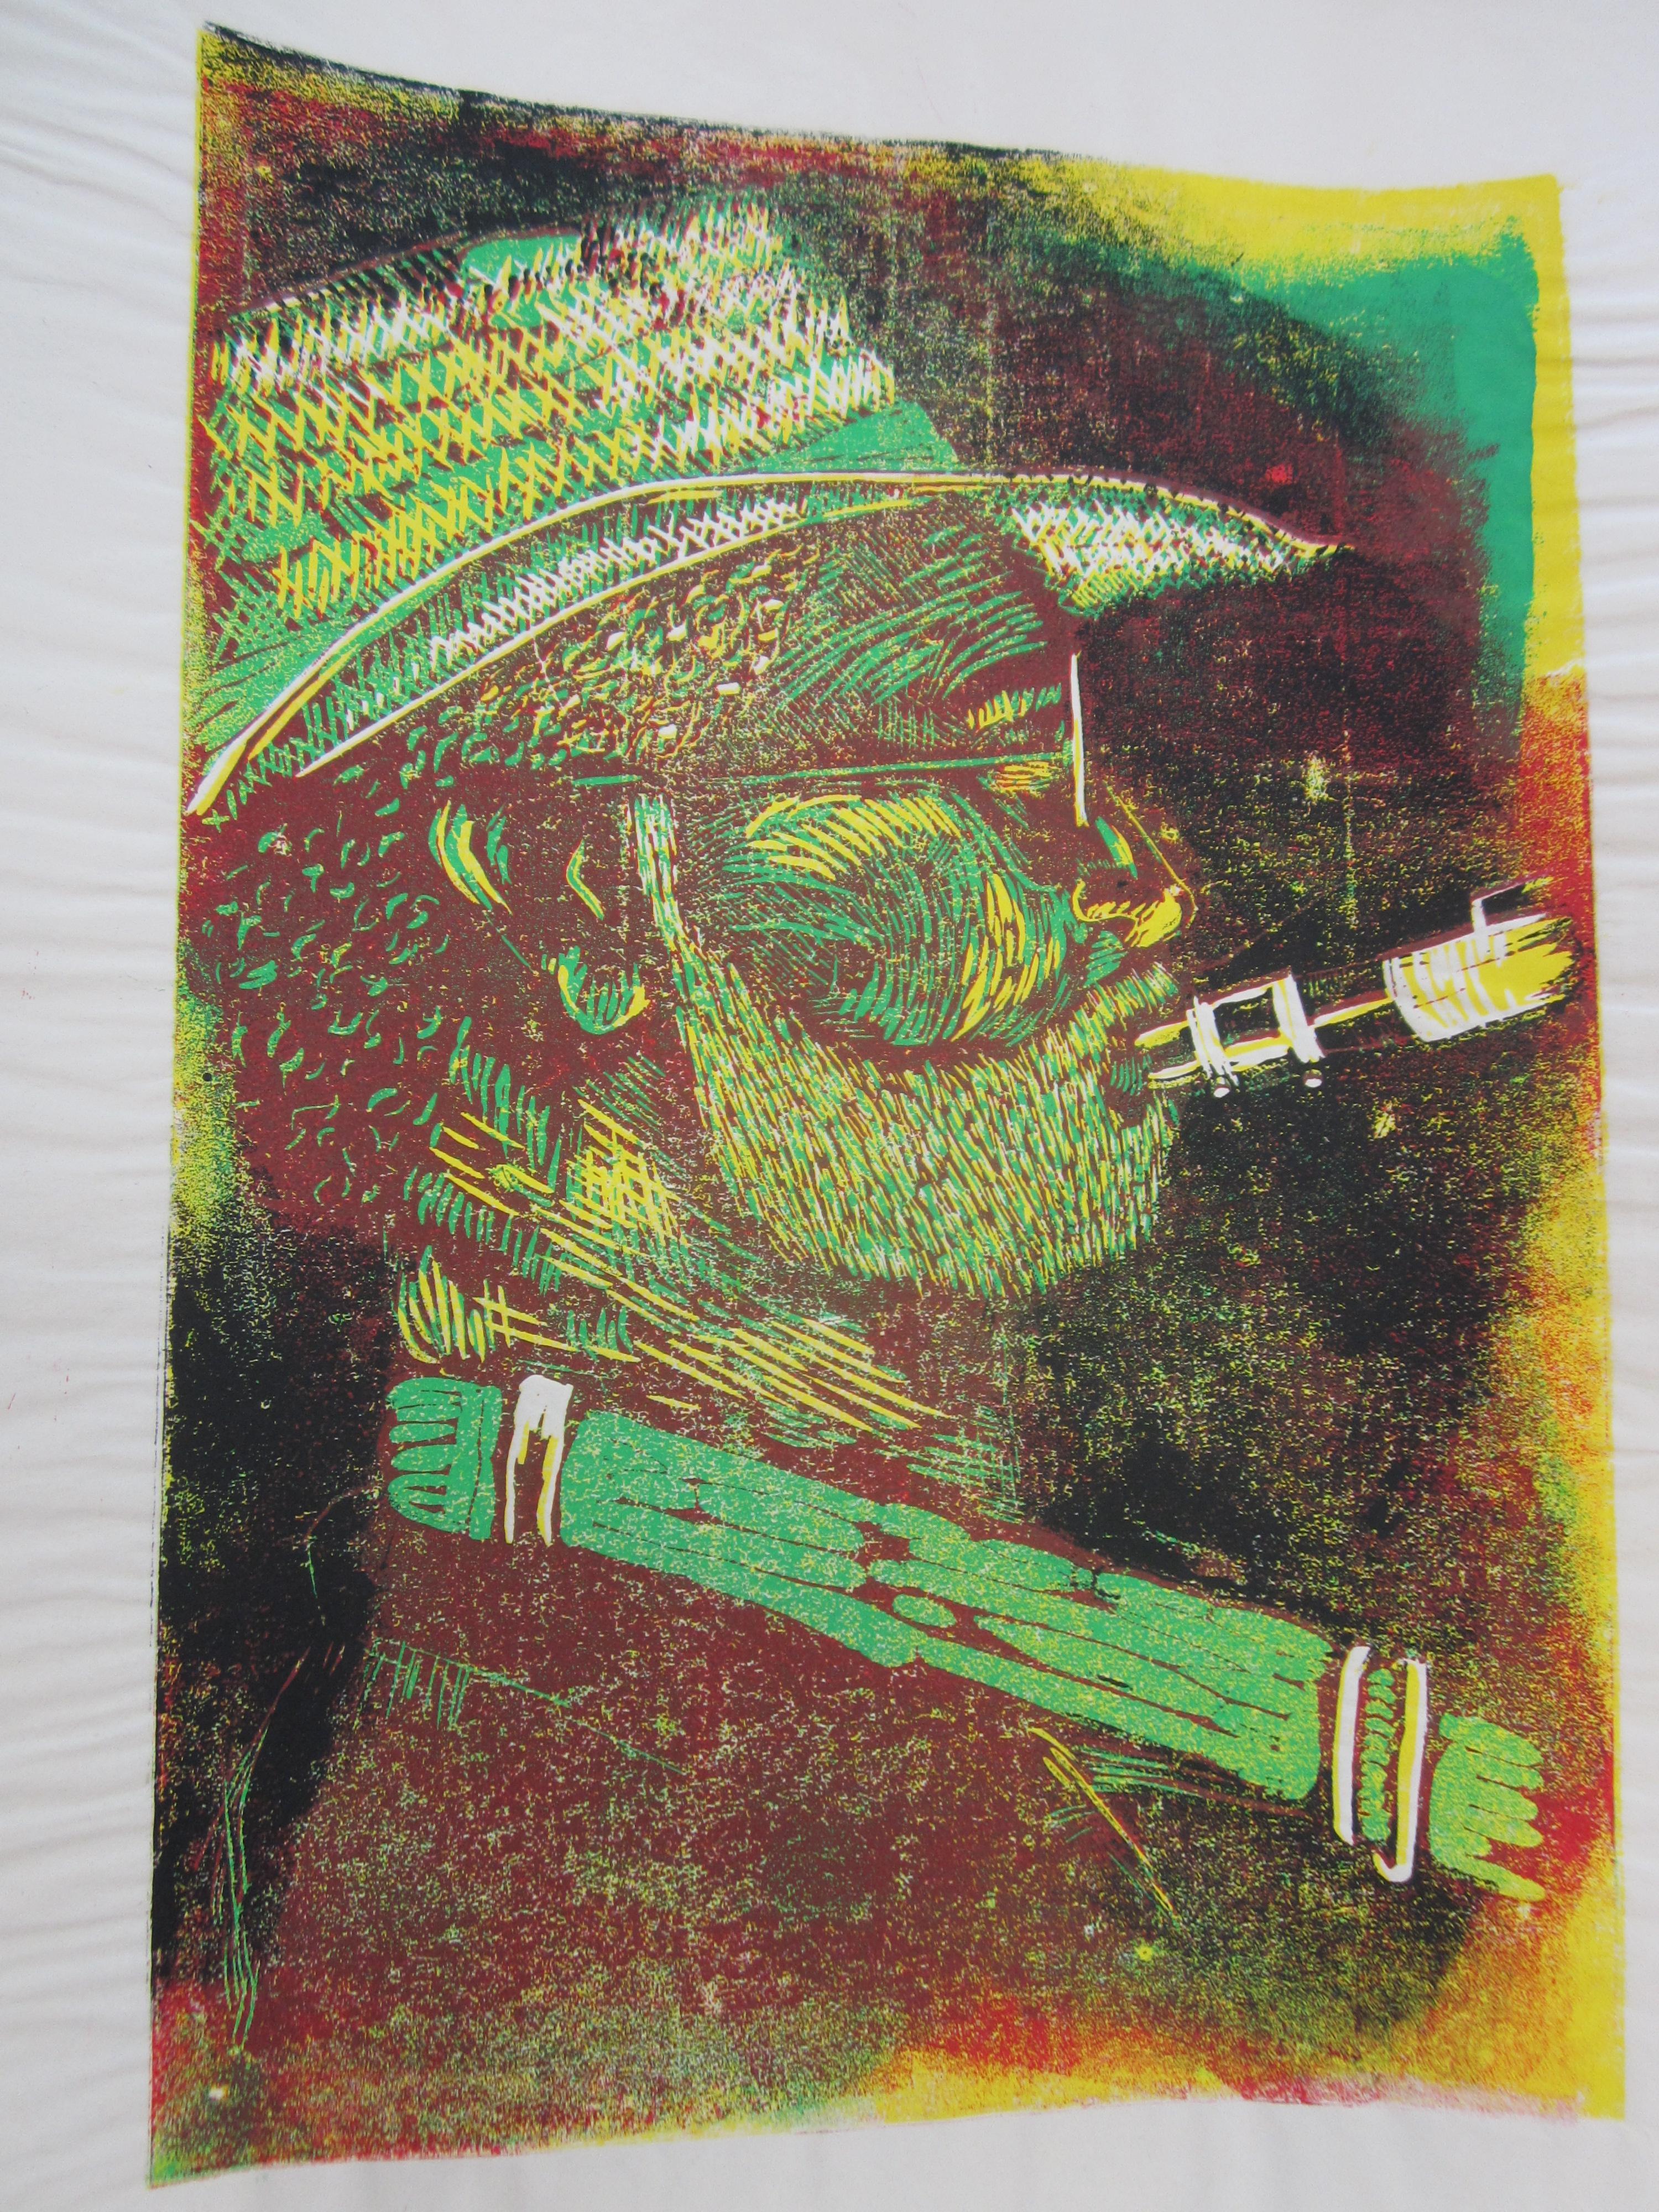 1999 Saxophonist, Linolschnitt 30 x 20 cm nach dem Prinzip der verlorenen Form Auflage 25 (c) Susanne Haun (2)